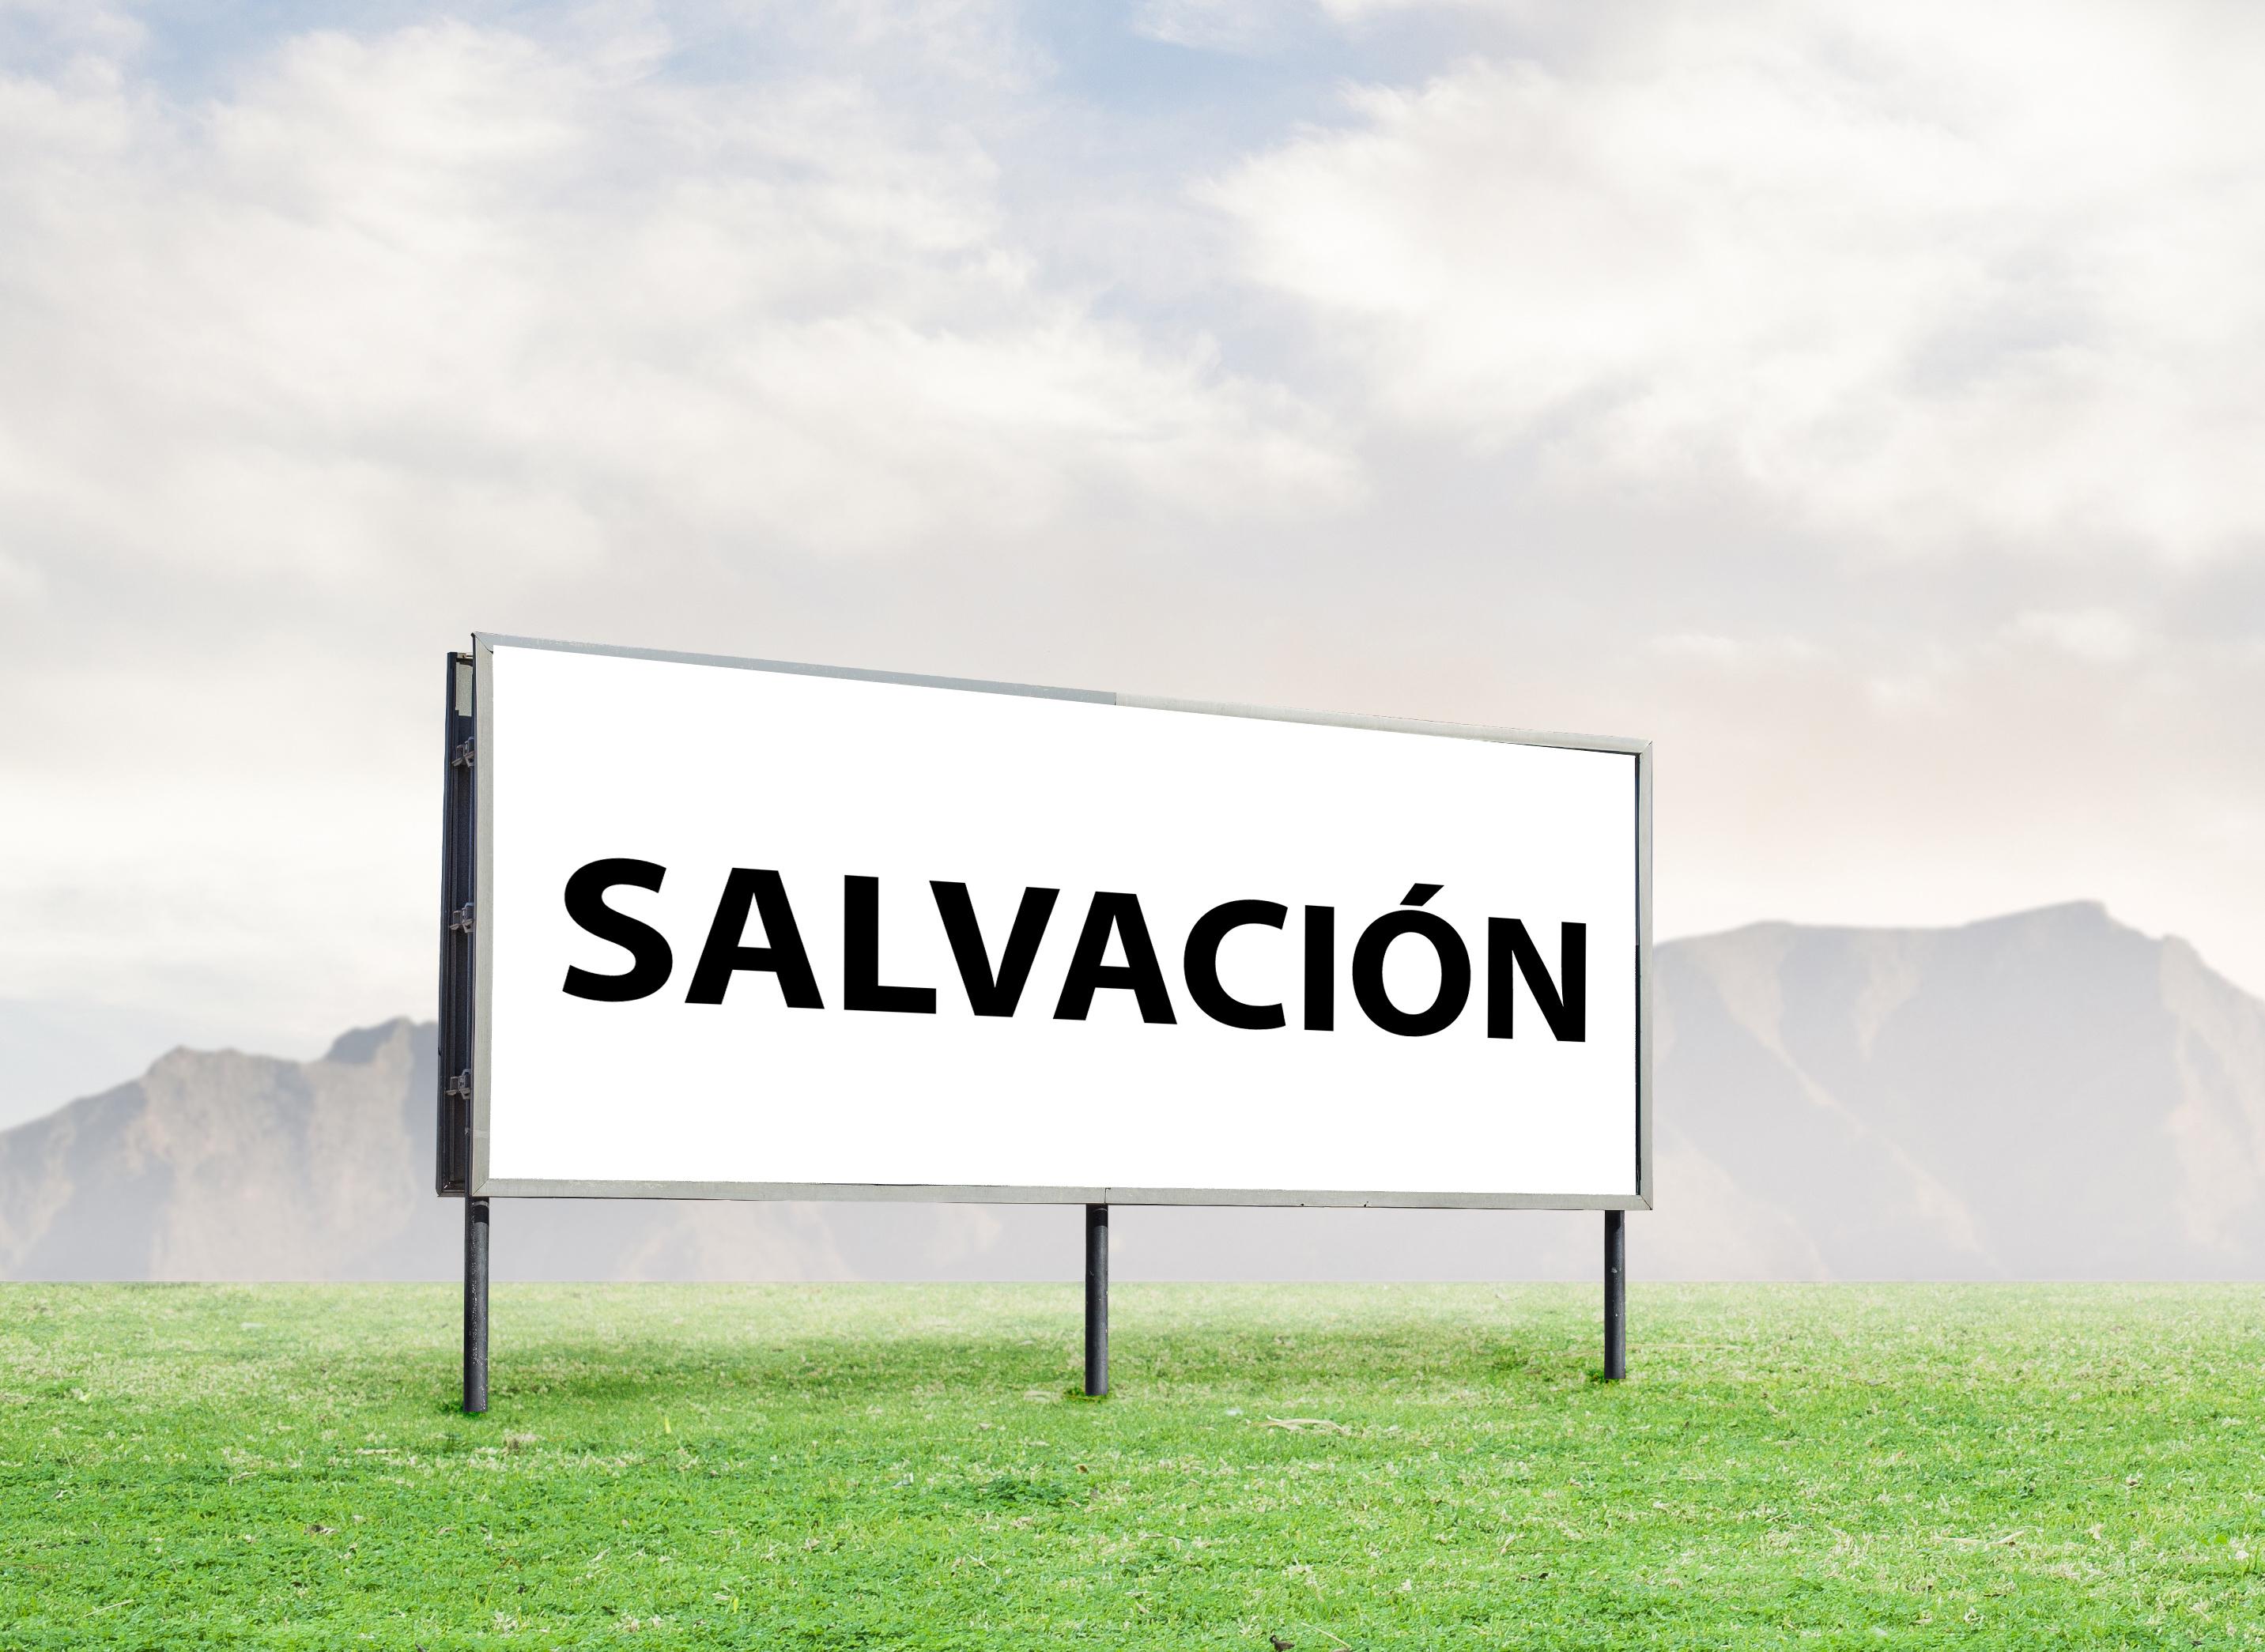 La idea teológica de la salvación en el cristianismo